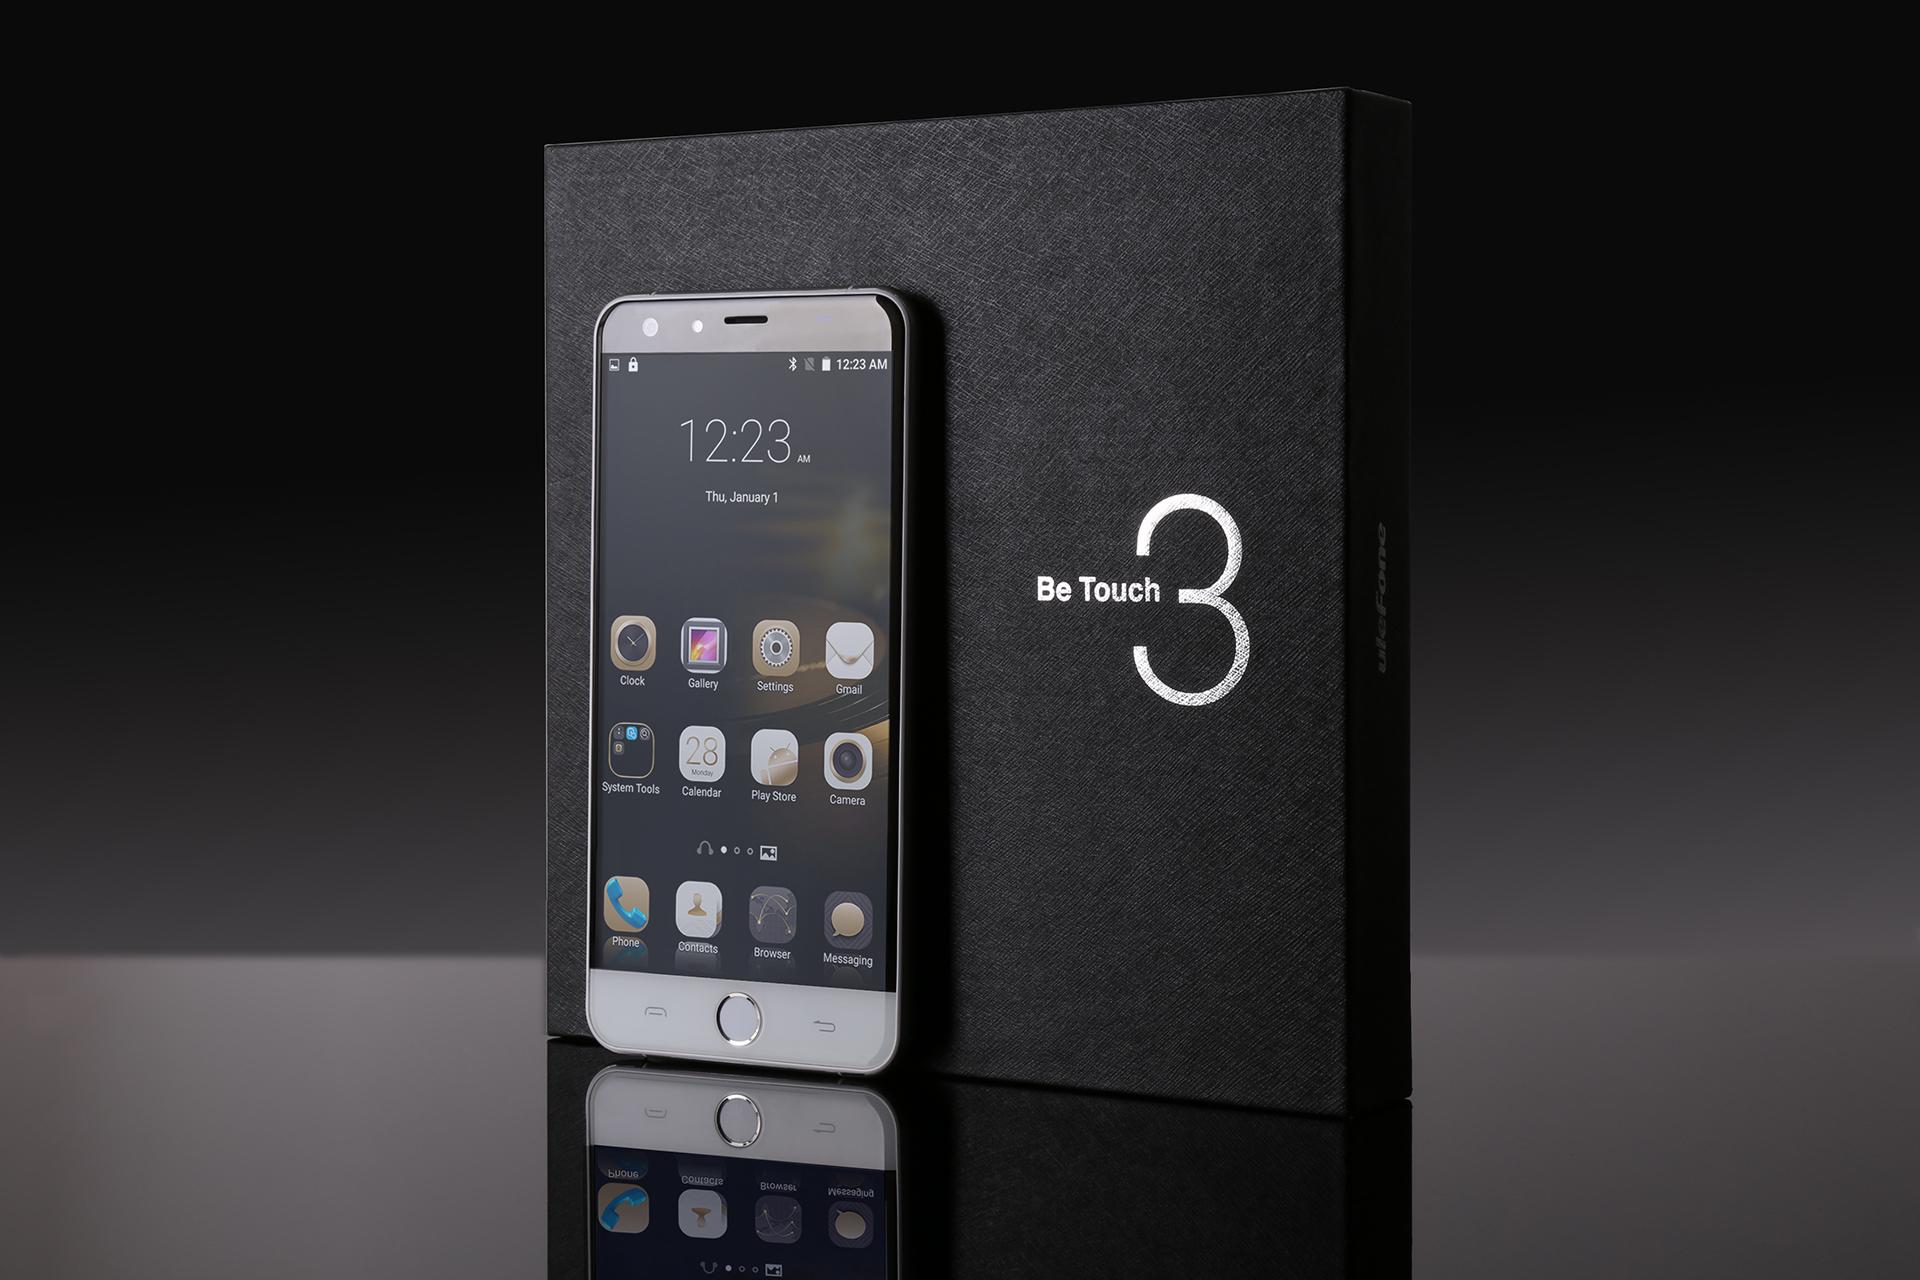 Ulefone Be Touch 3 este disponibil la pretul de 199.99$